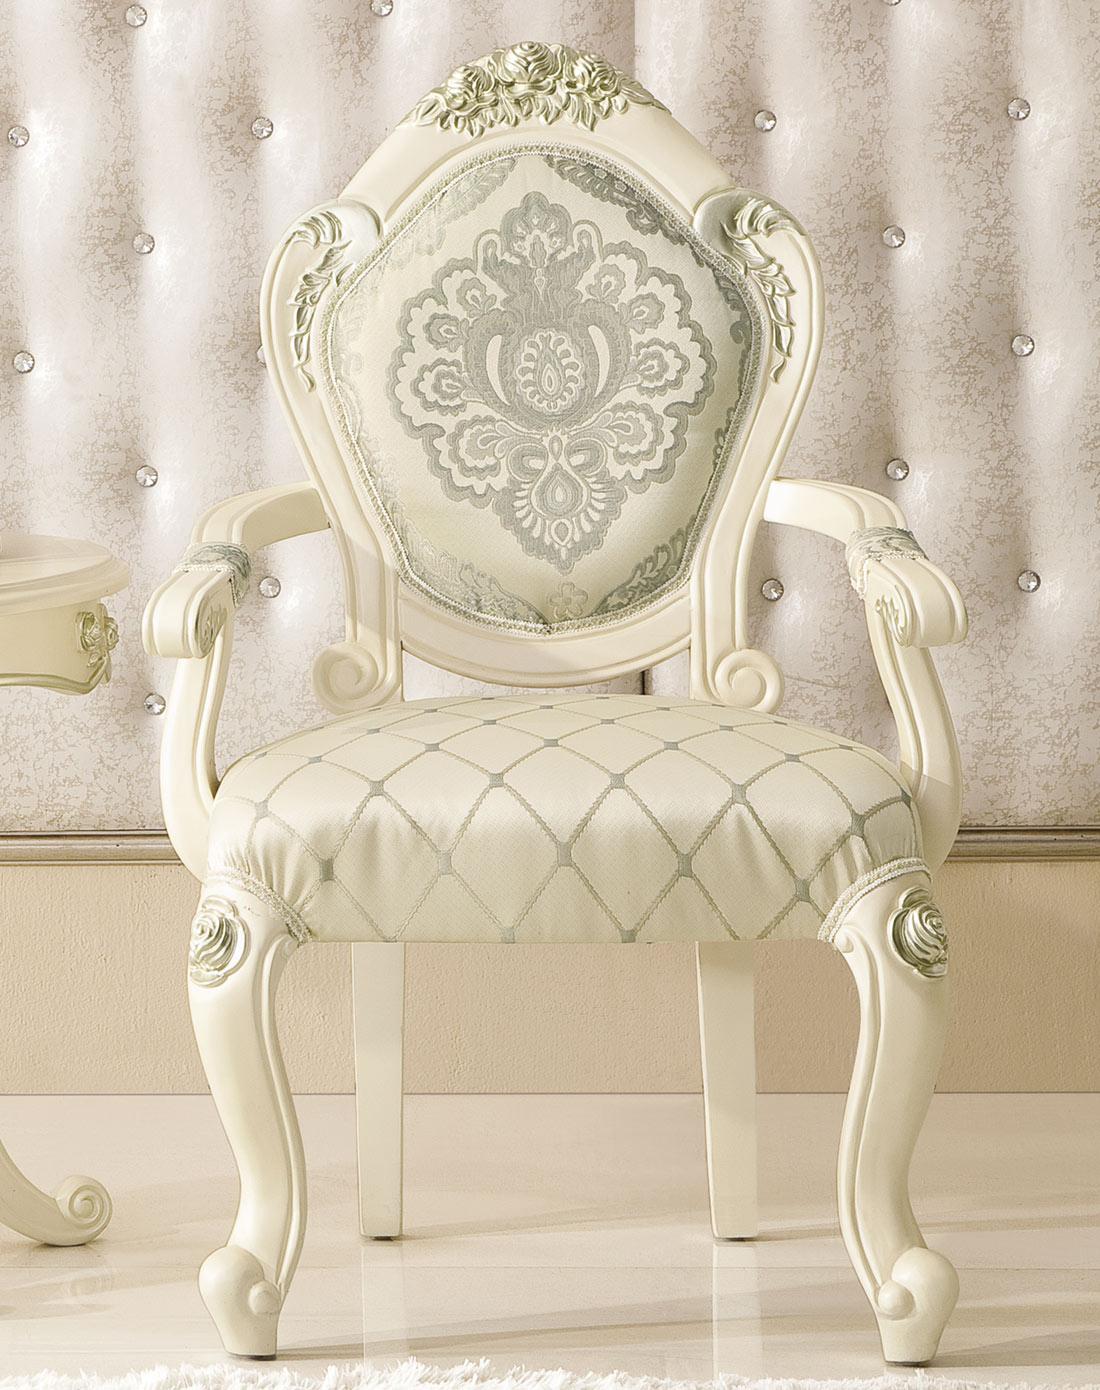 圣乔治-赫菲系列 法式书椅 欧式田园休闲布艺椅 带扶手餐椅 jh606